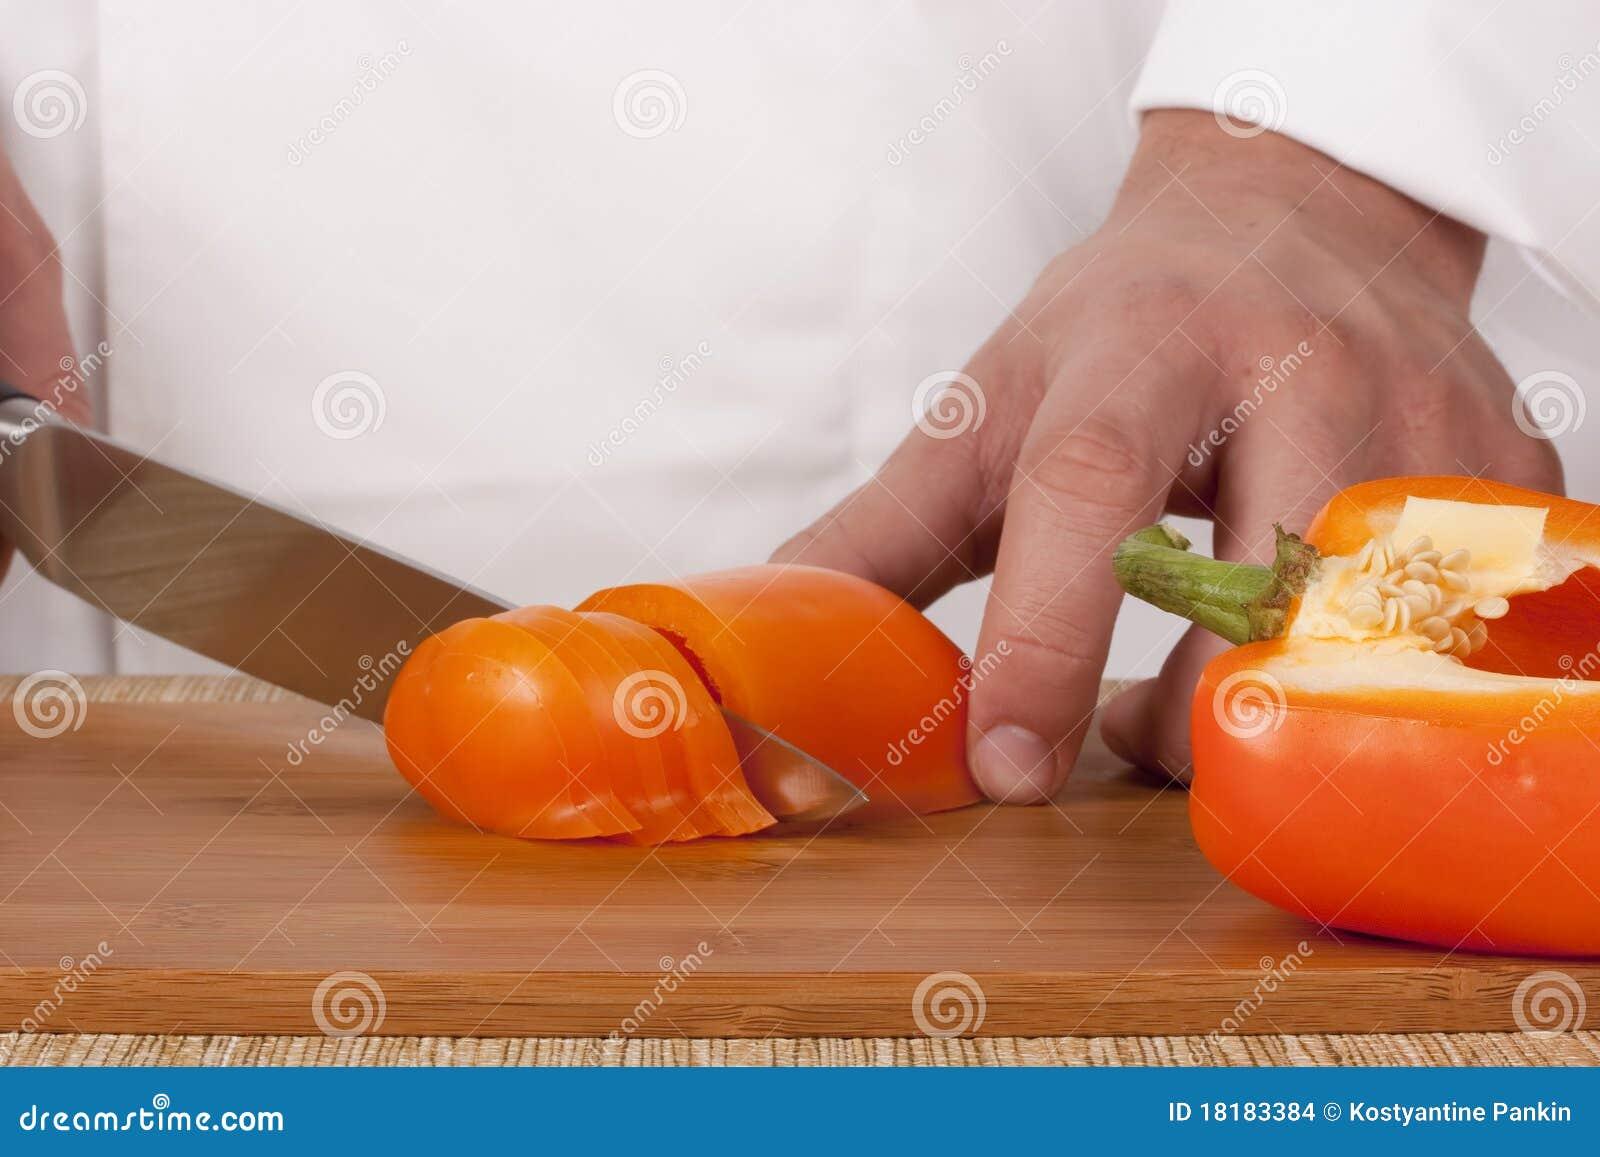 pre cut vegetable business plans